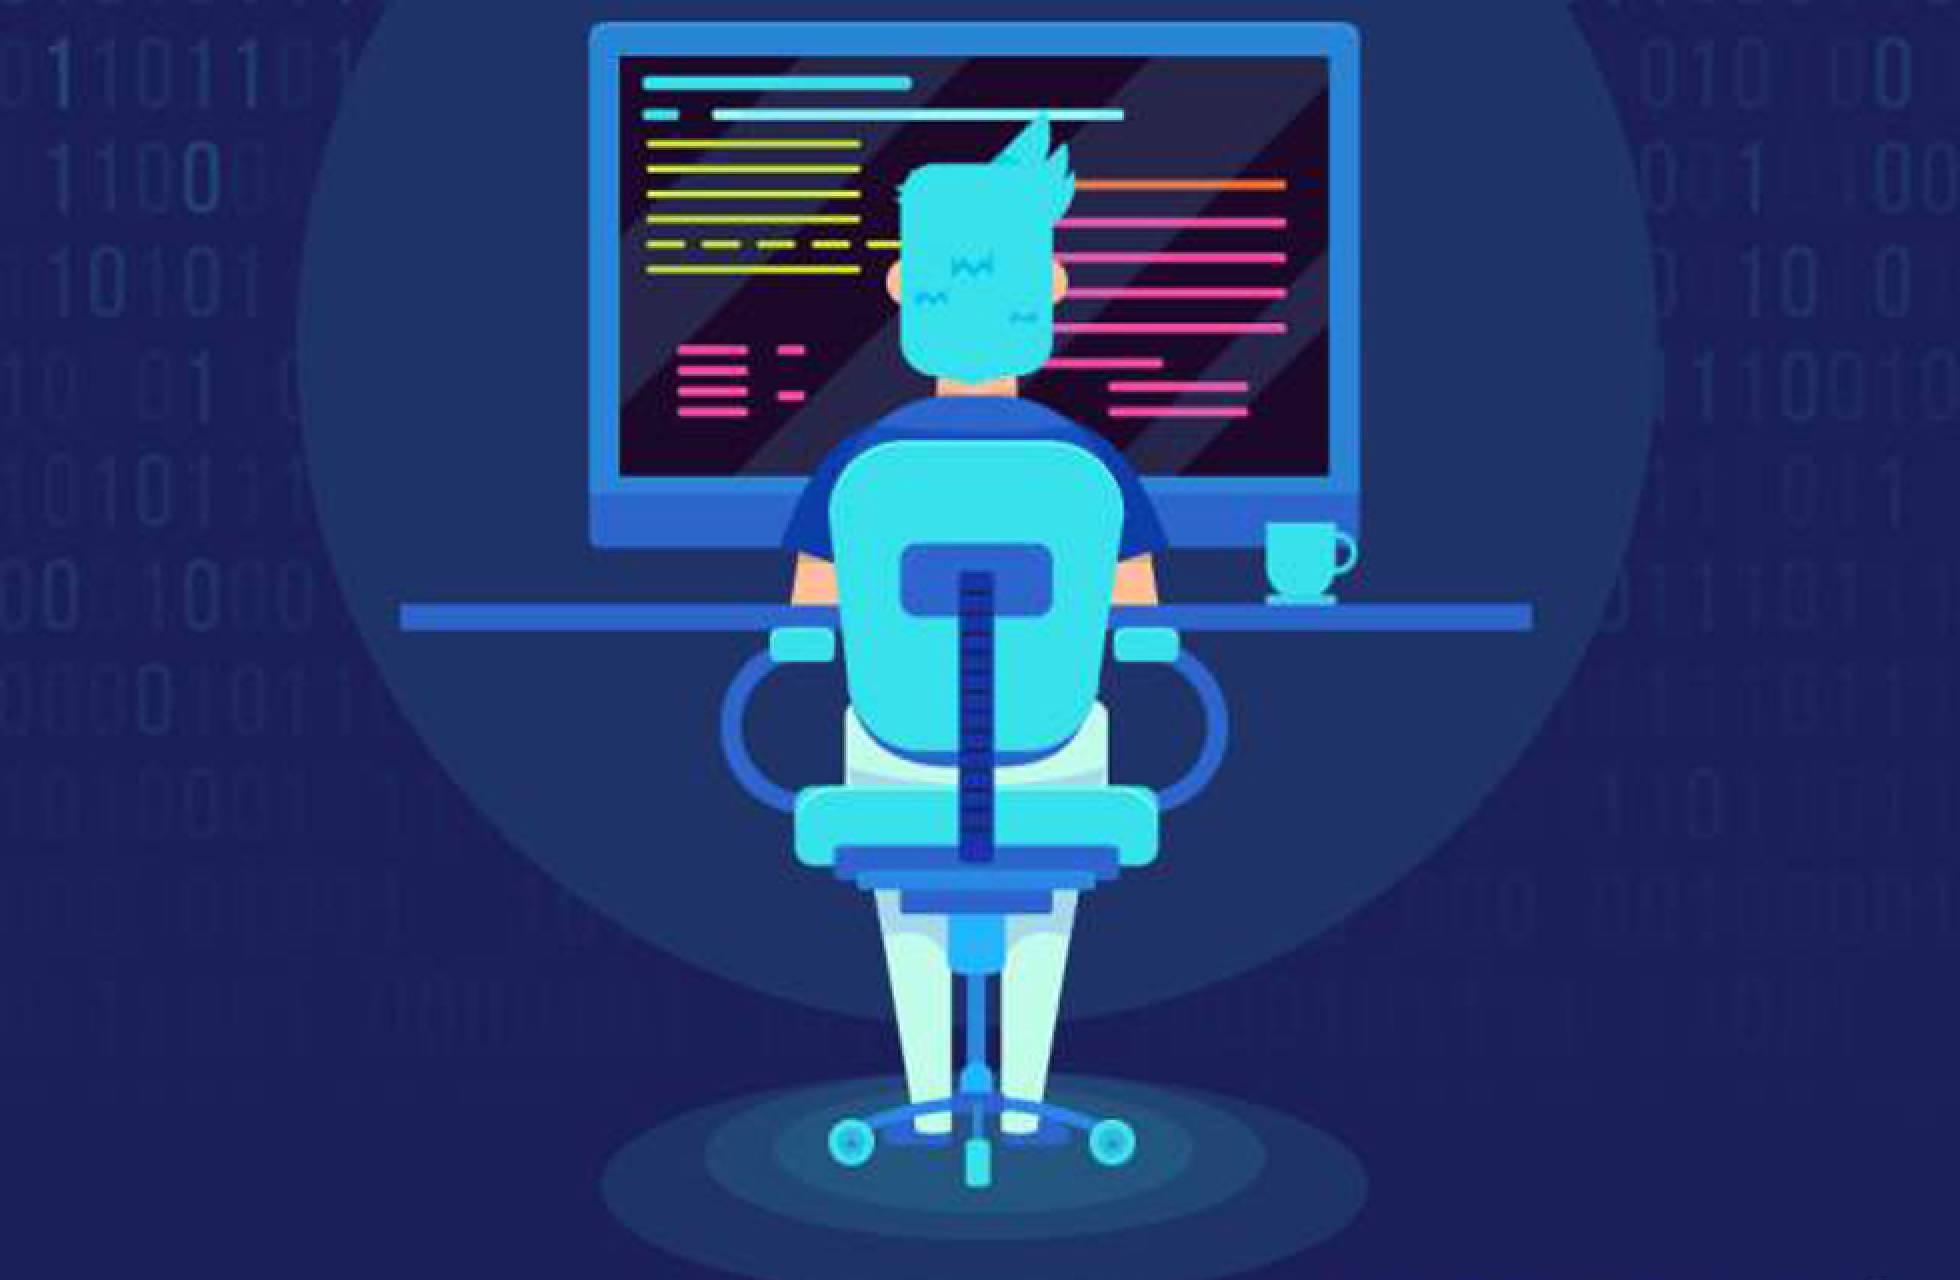 El reinado de los algoritmos en tu vida (aunque no lo